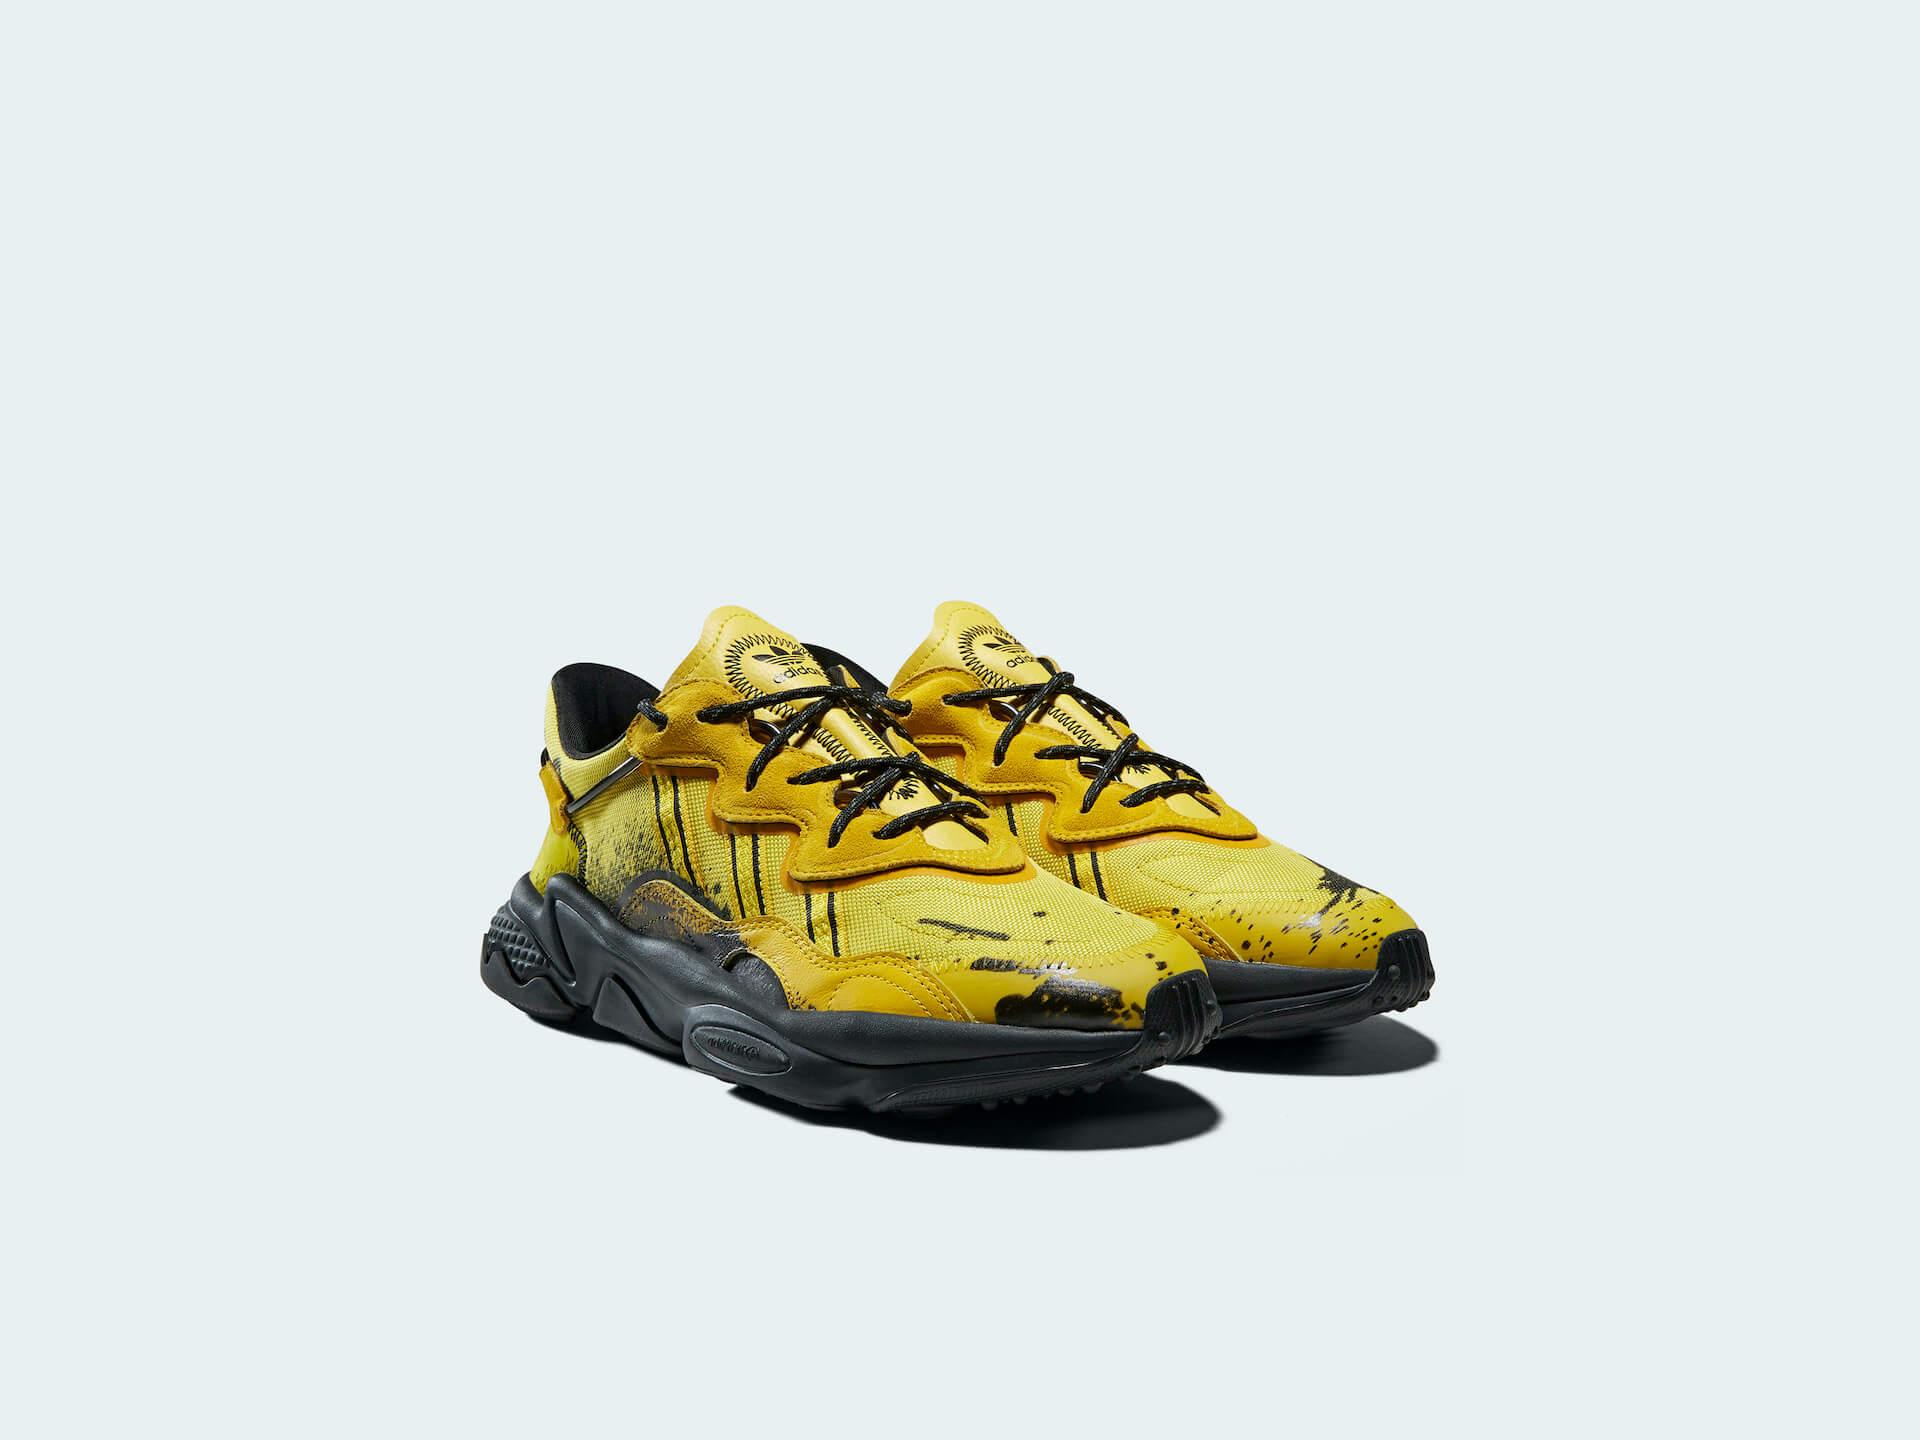 adidas Originals × Angel Chenのカプセルコレクションが登場!水泳や書道からインスパイアされたフットウェア4型 lf200529_adidas_angelchen_20